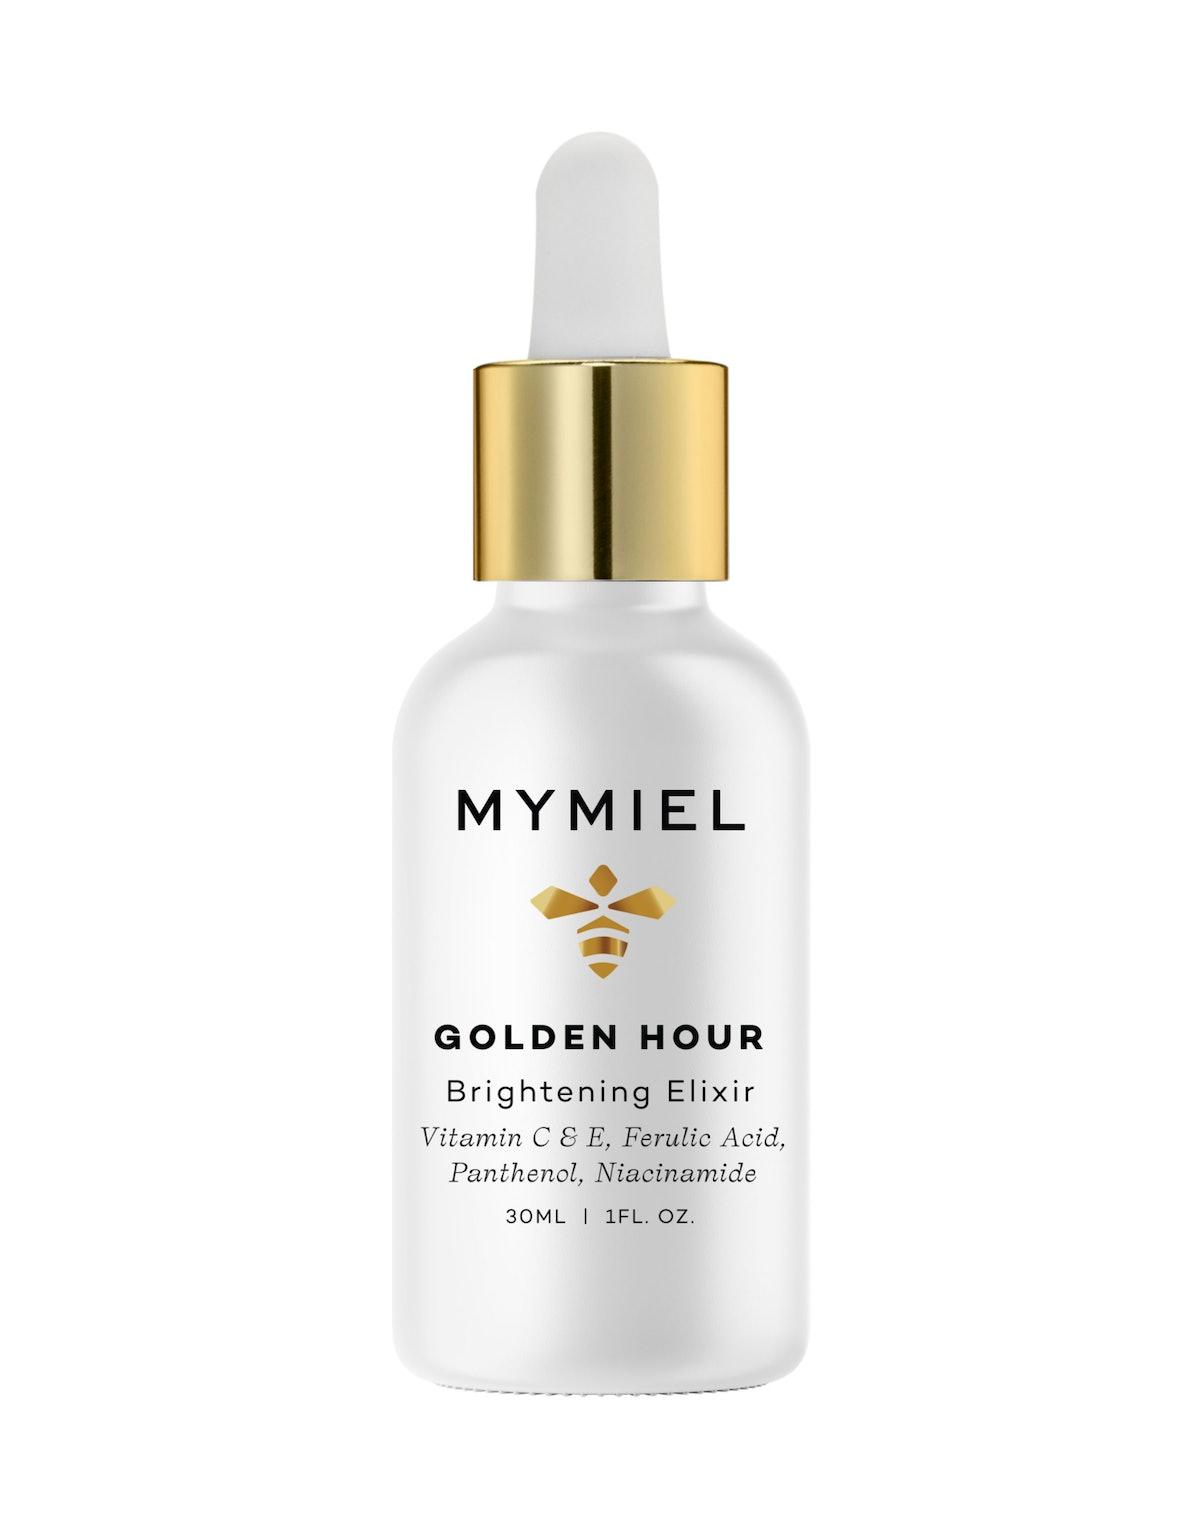 Mymiel Golden Hour Brightening Elixir